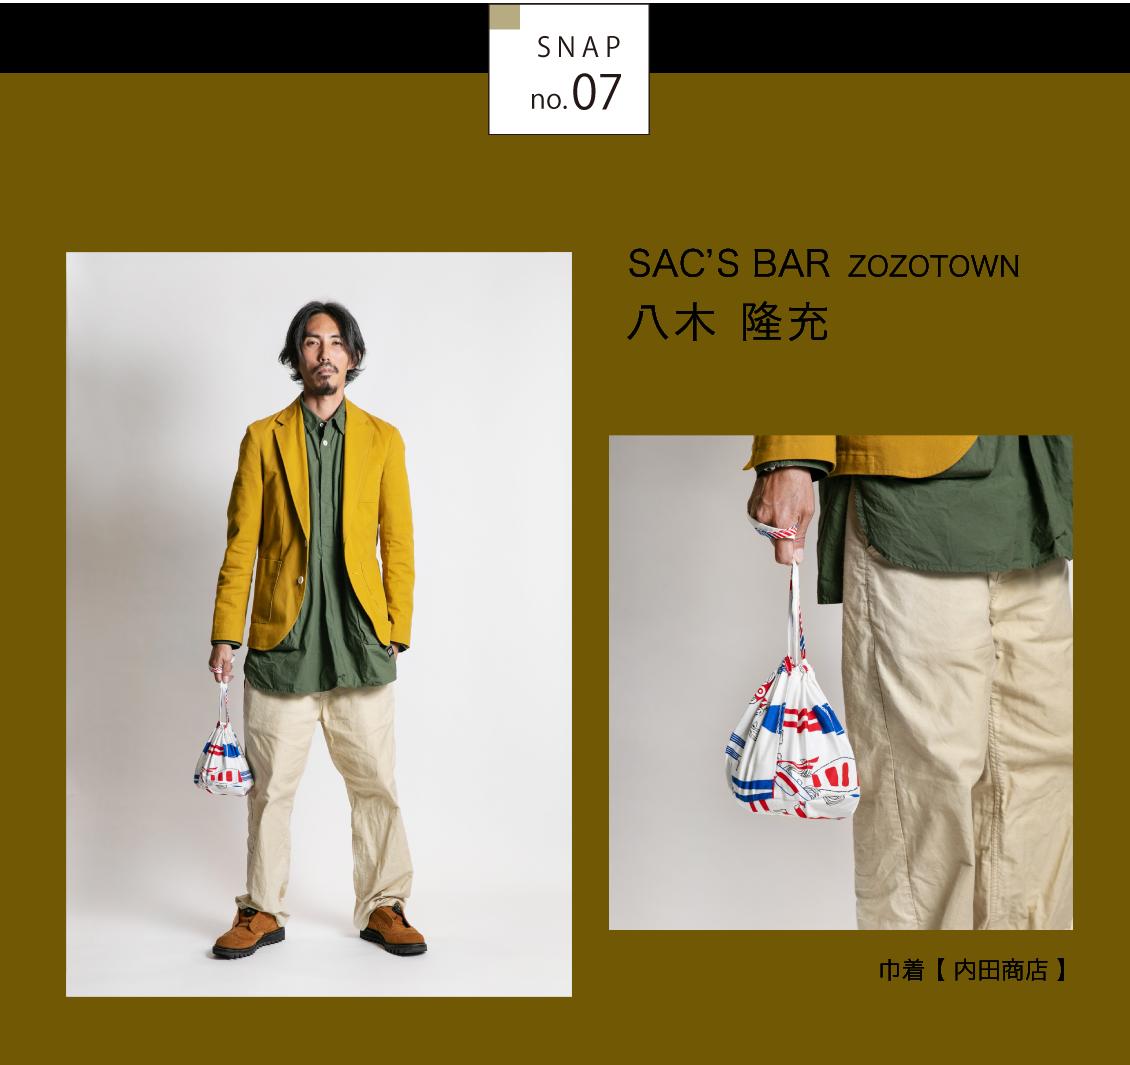 sac's bar staff snap Men's 07